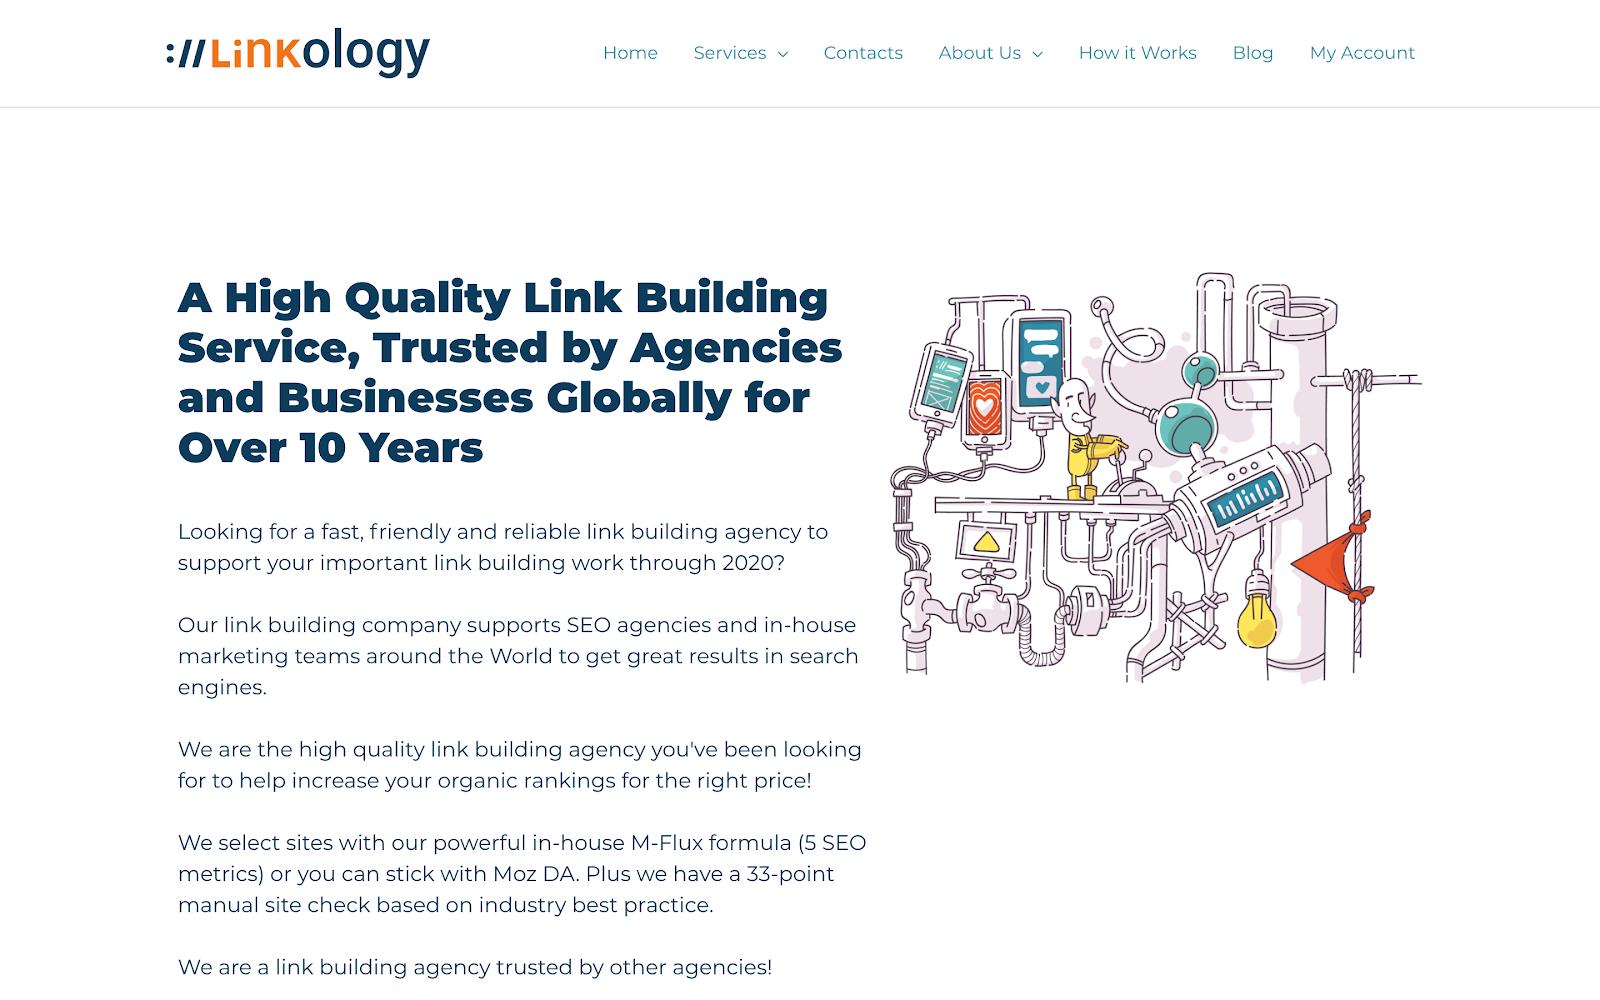 Linkology home page